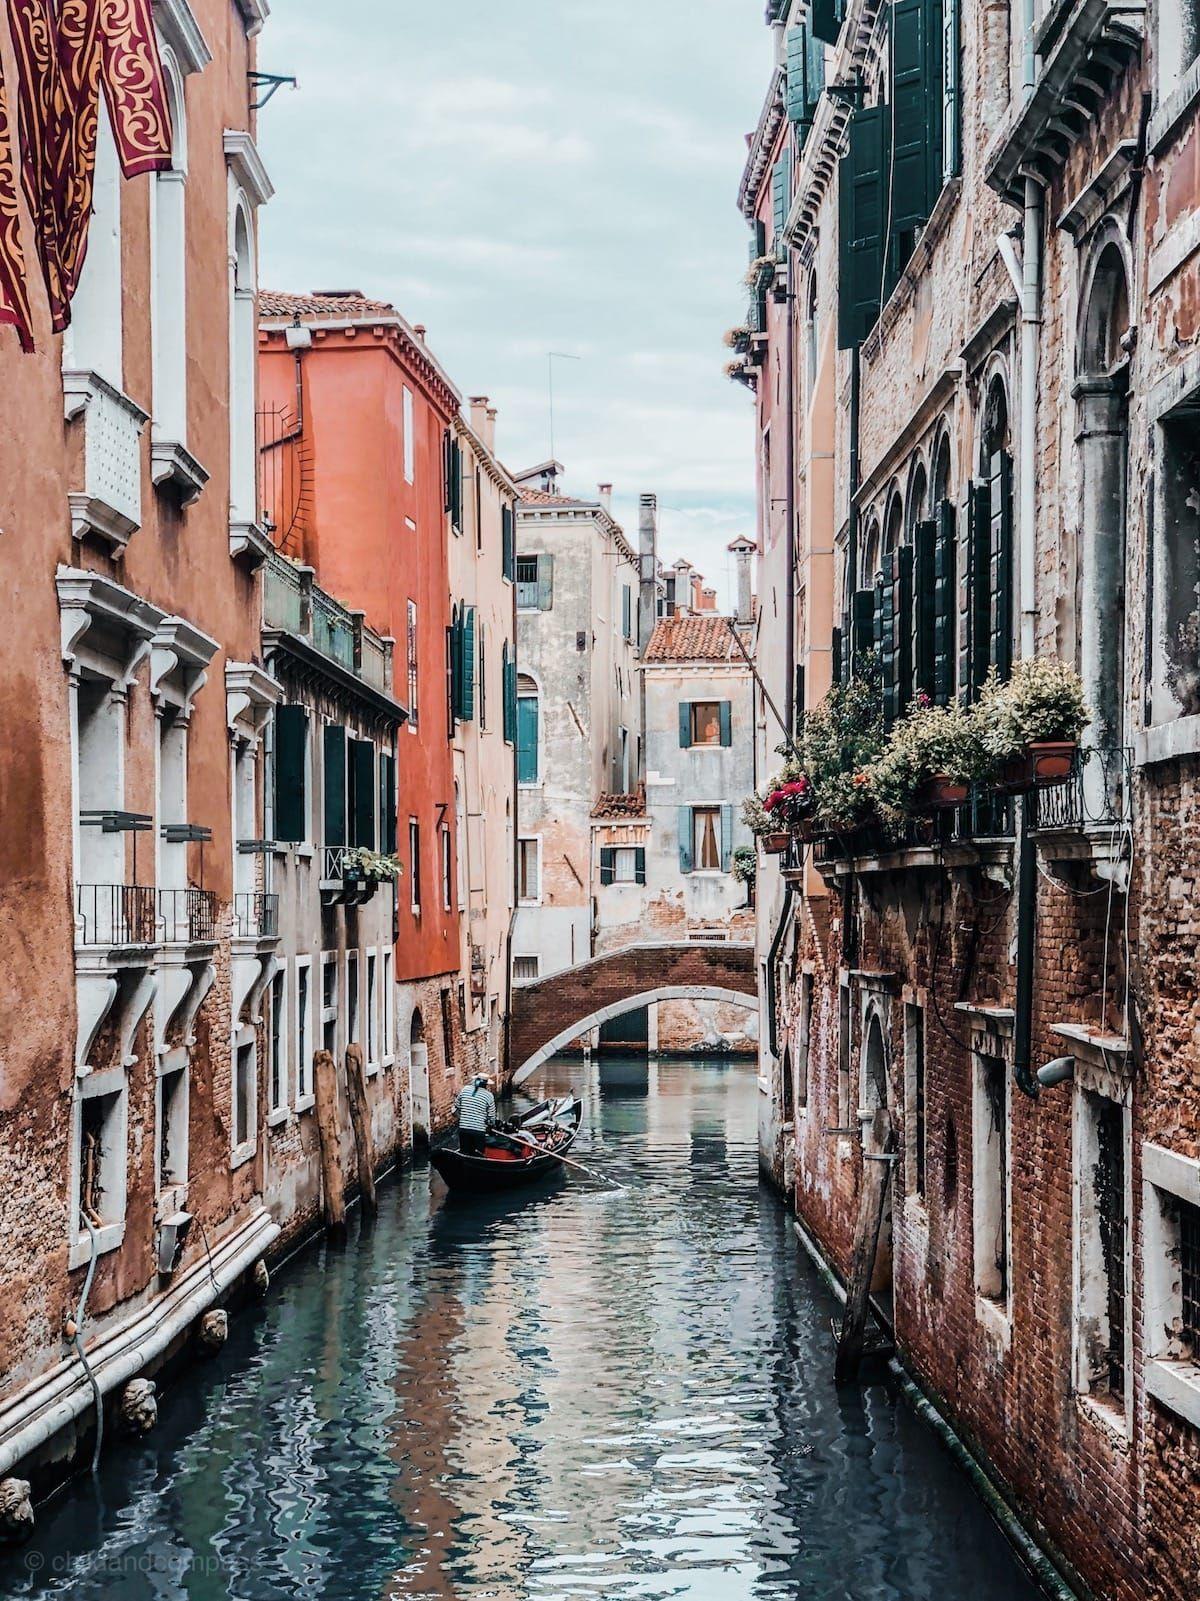 Pin On Venice